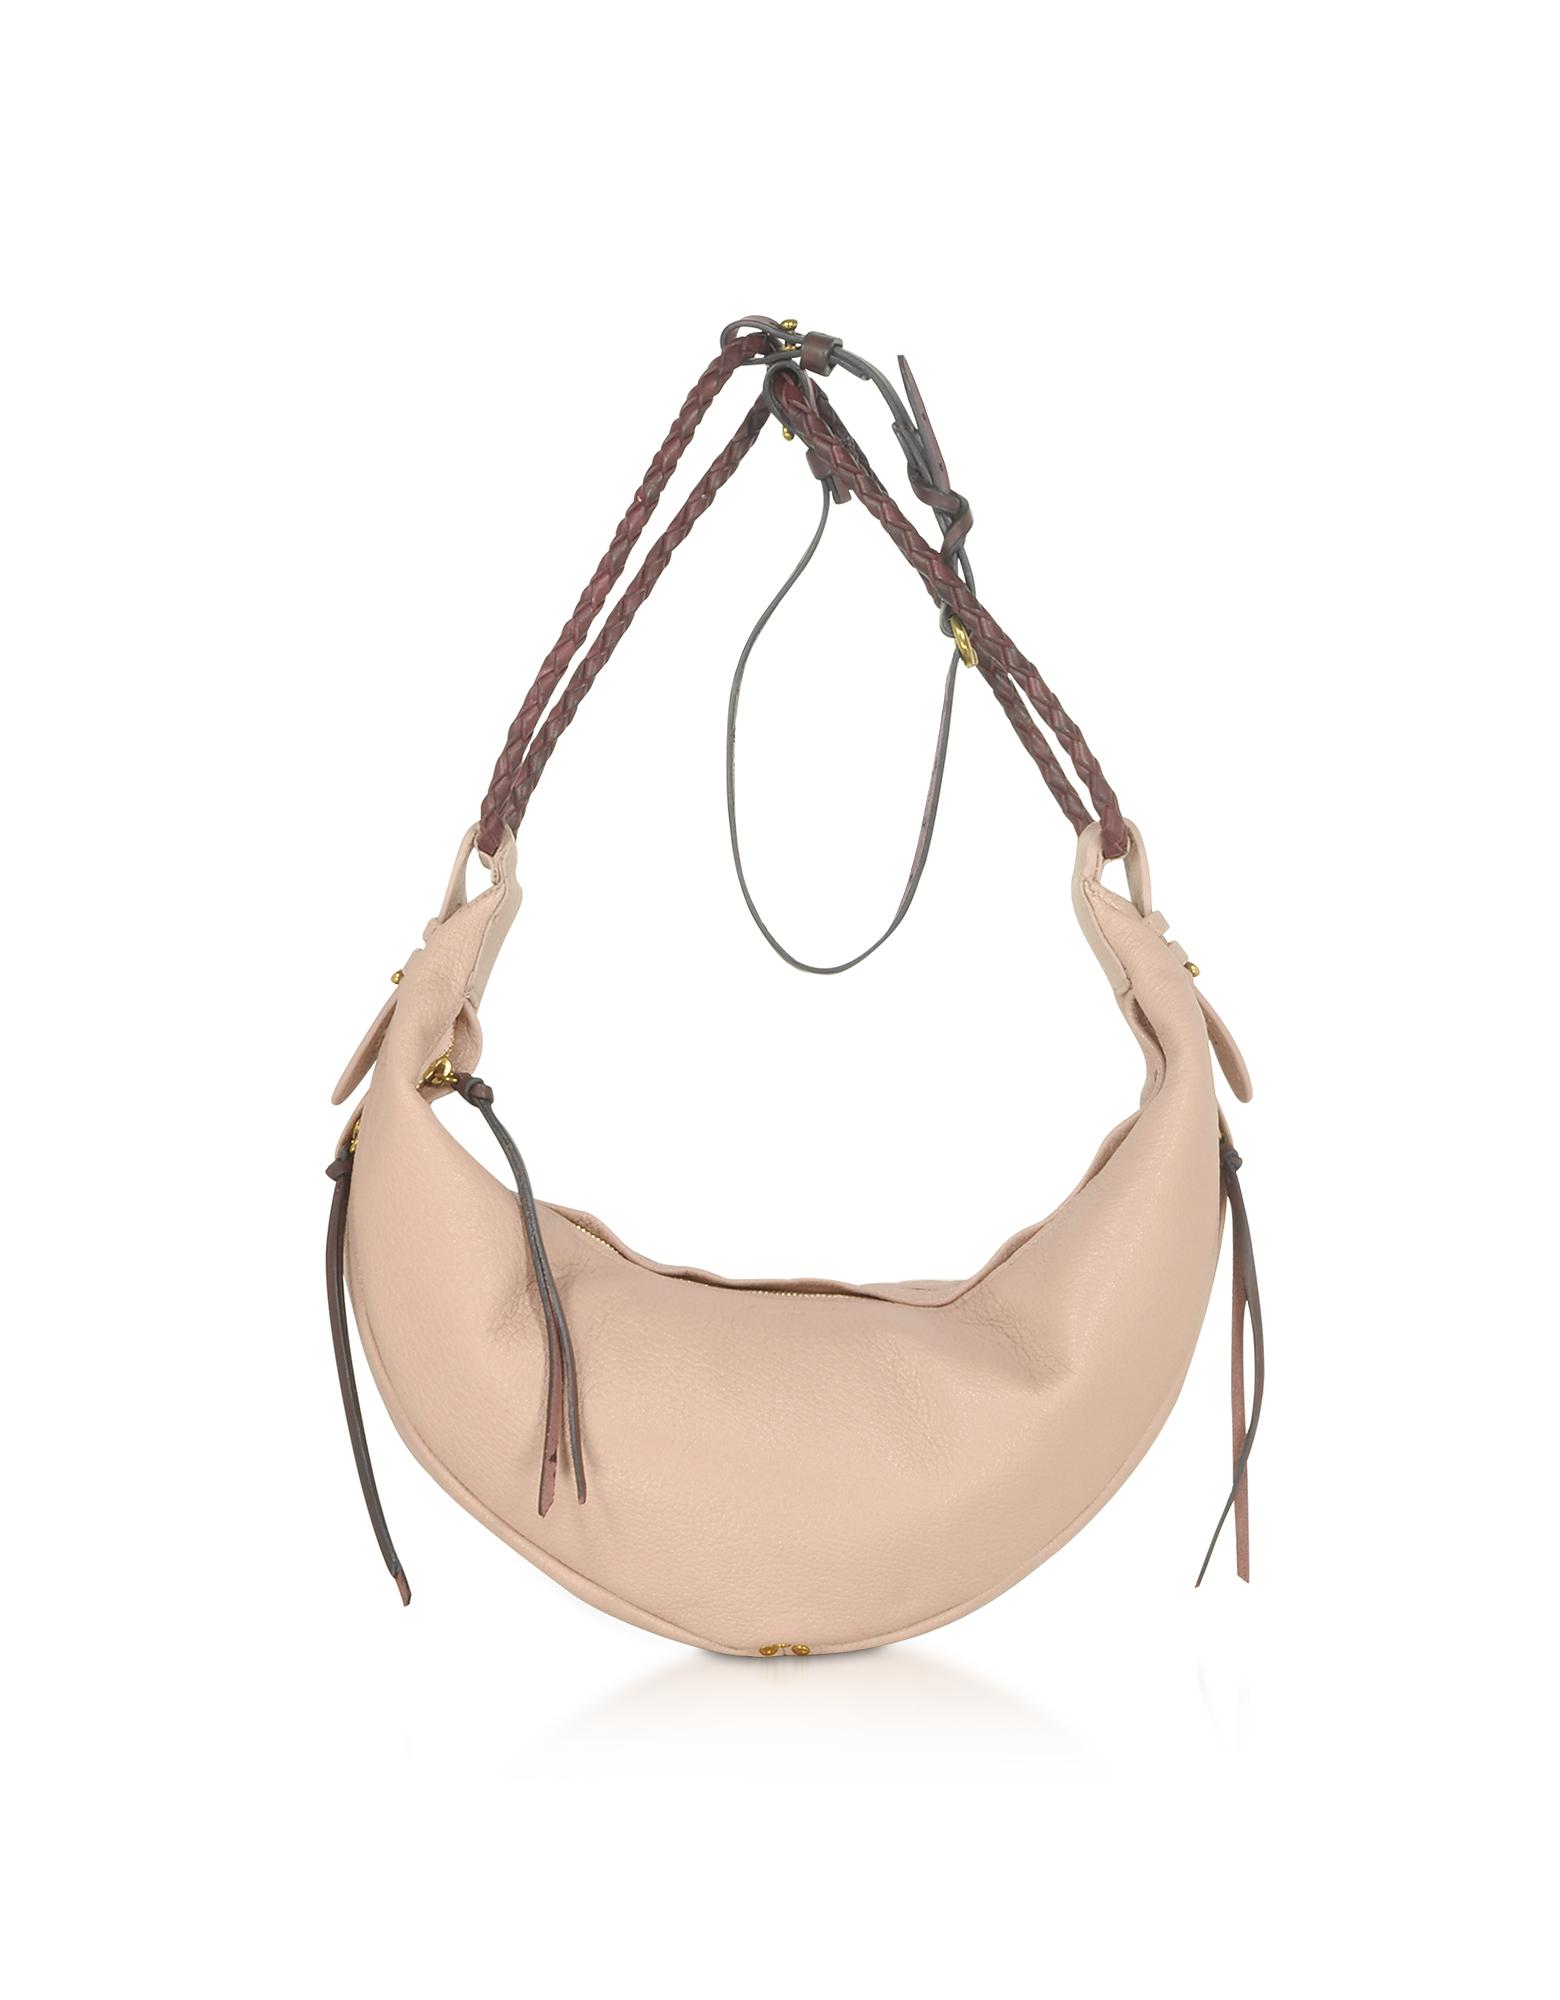 Jerome Dreyfuss Designer Handbags, Willy M Leather Shoulder Bag